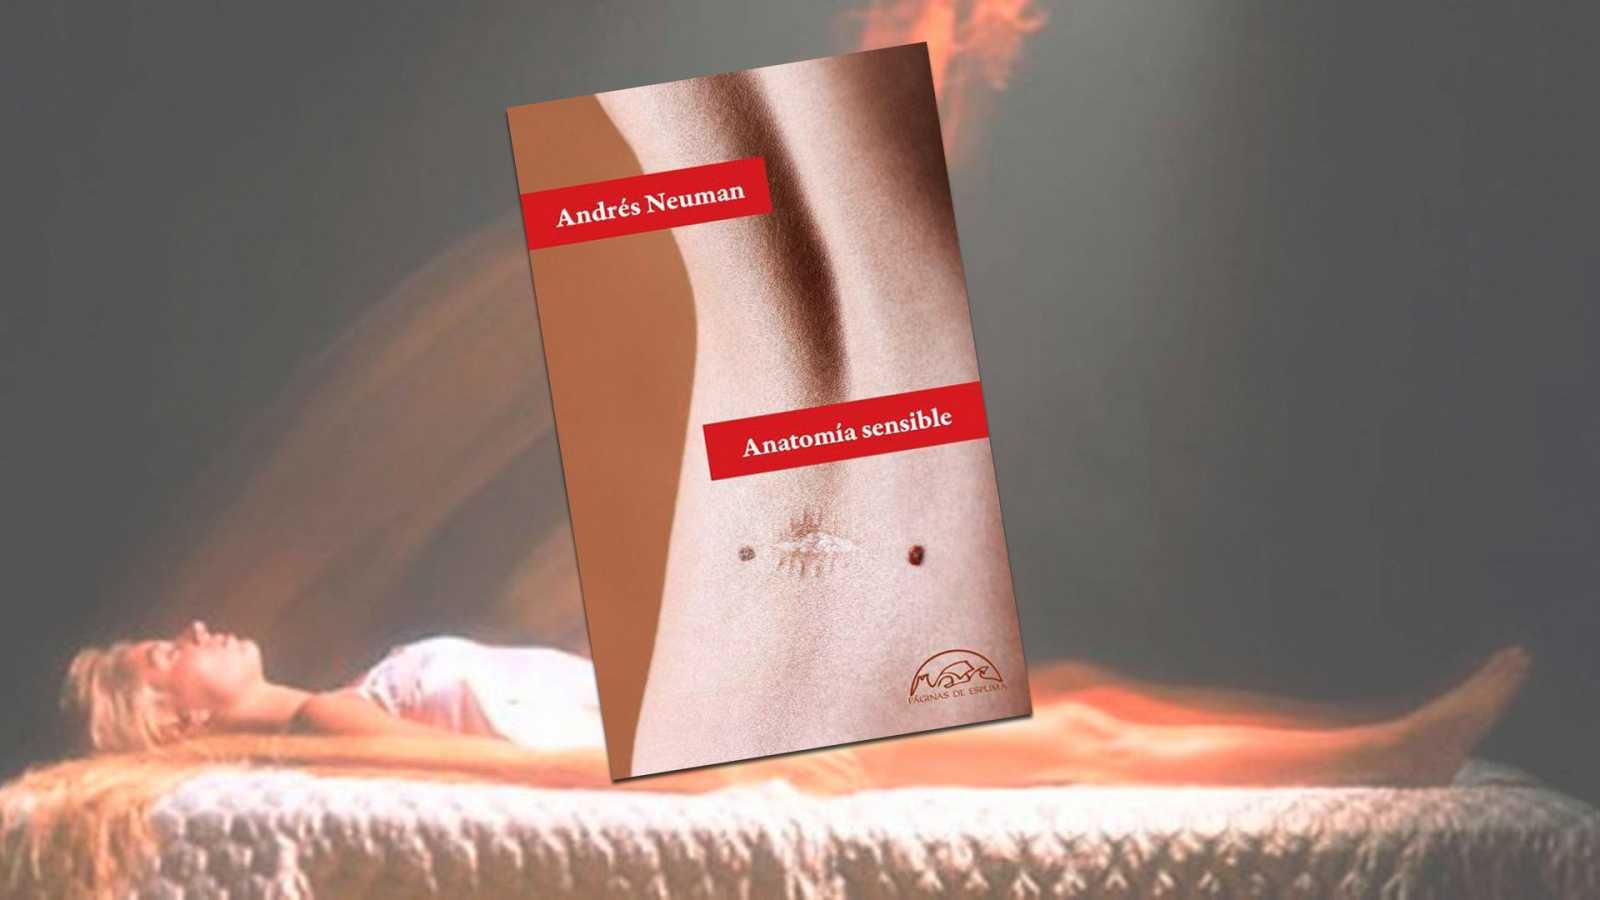 ANATOMIA SENSIBLE